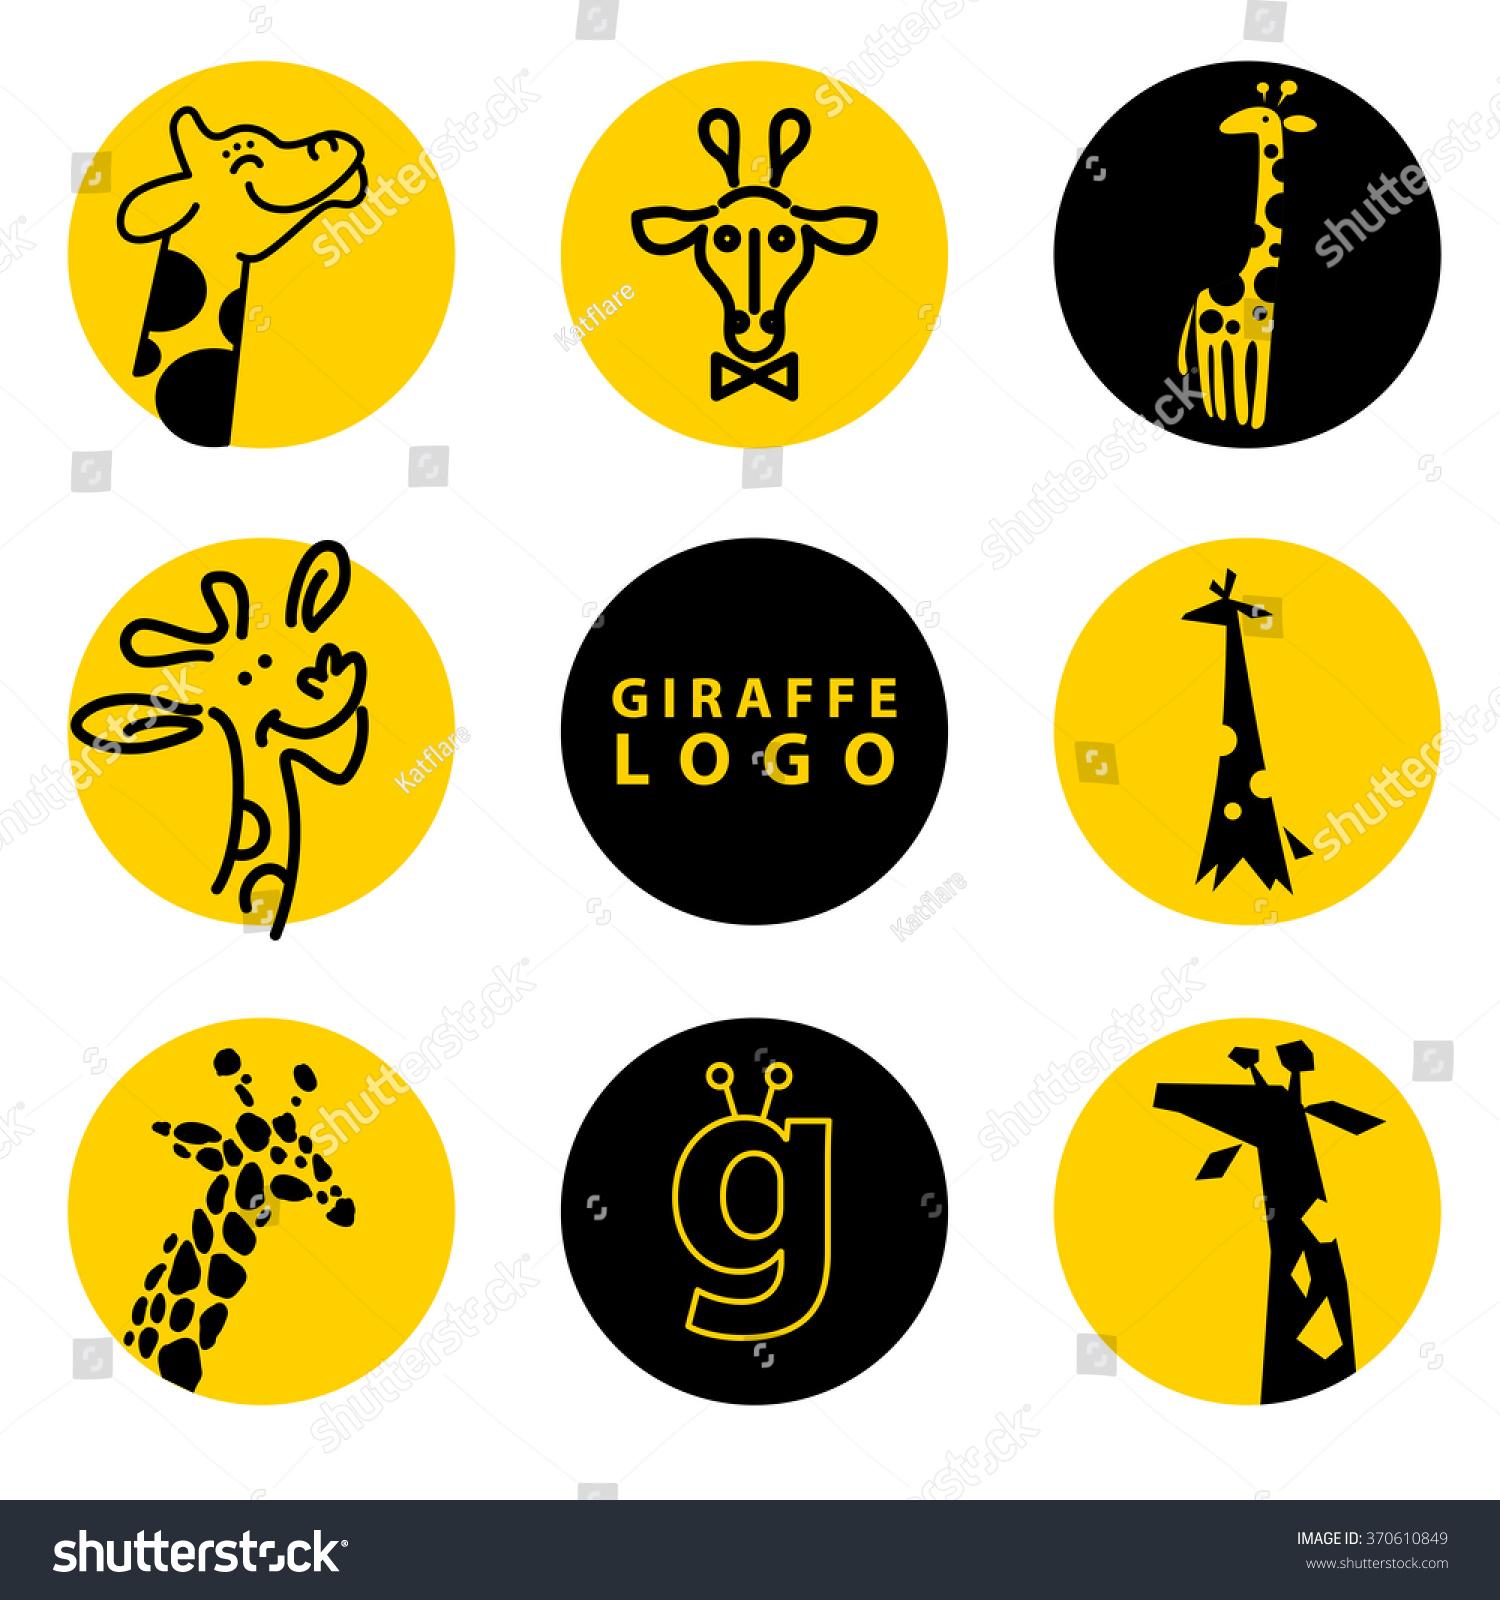 illustration wild animal logo isolated stylized icon collection